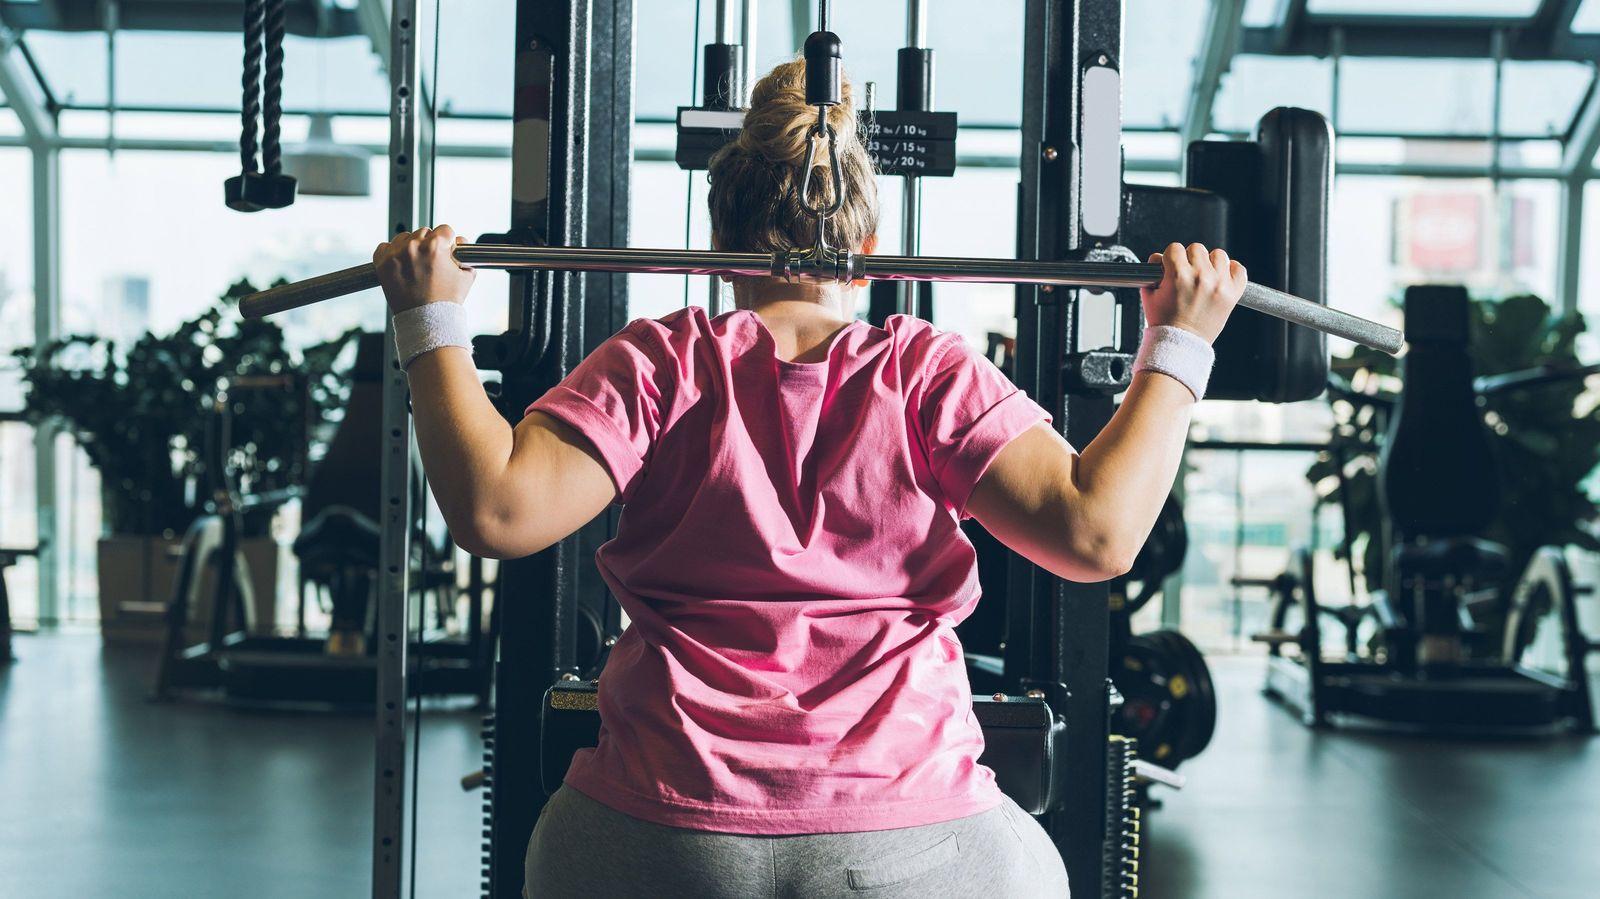 """「肥満は自己責任」と言われるようになったワケ """"予防医学""""が広まった影響がある"""